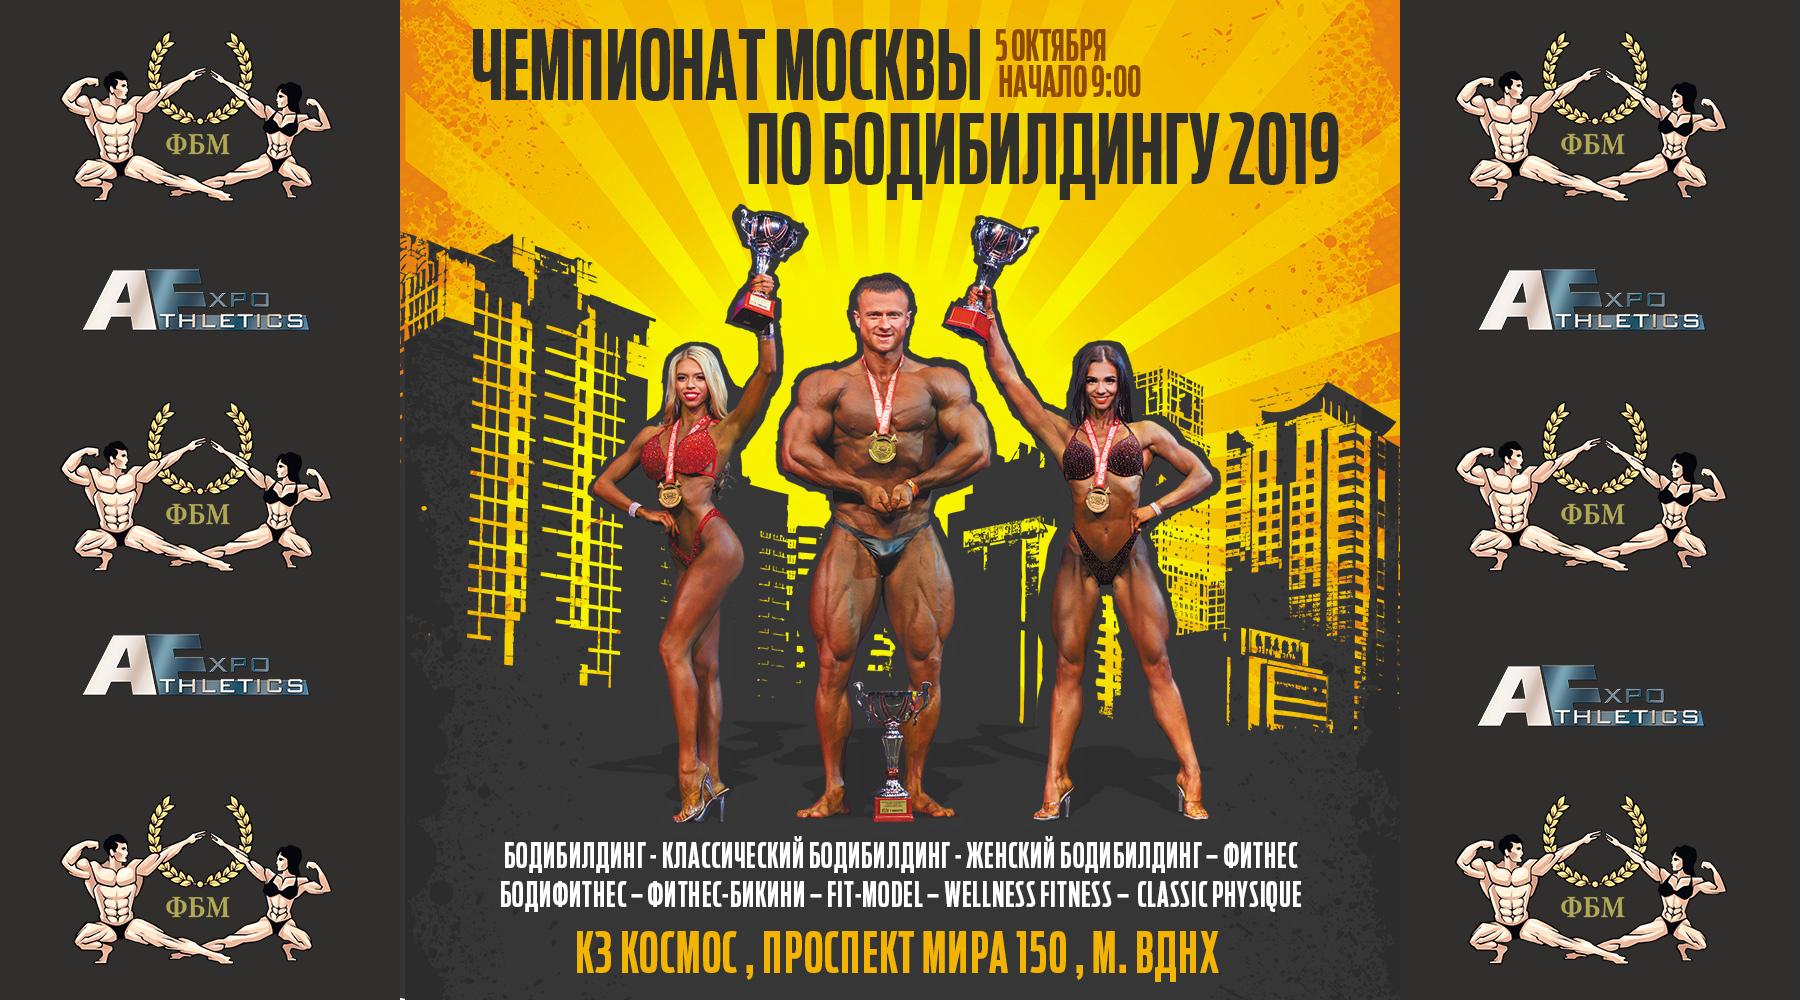 Анонс чемпионата Москвы по бодибилдингу 2019.